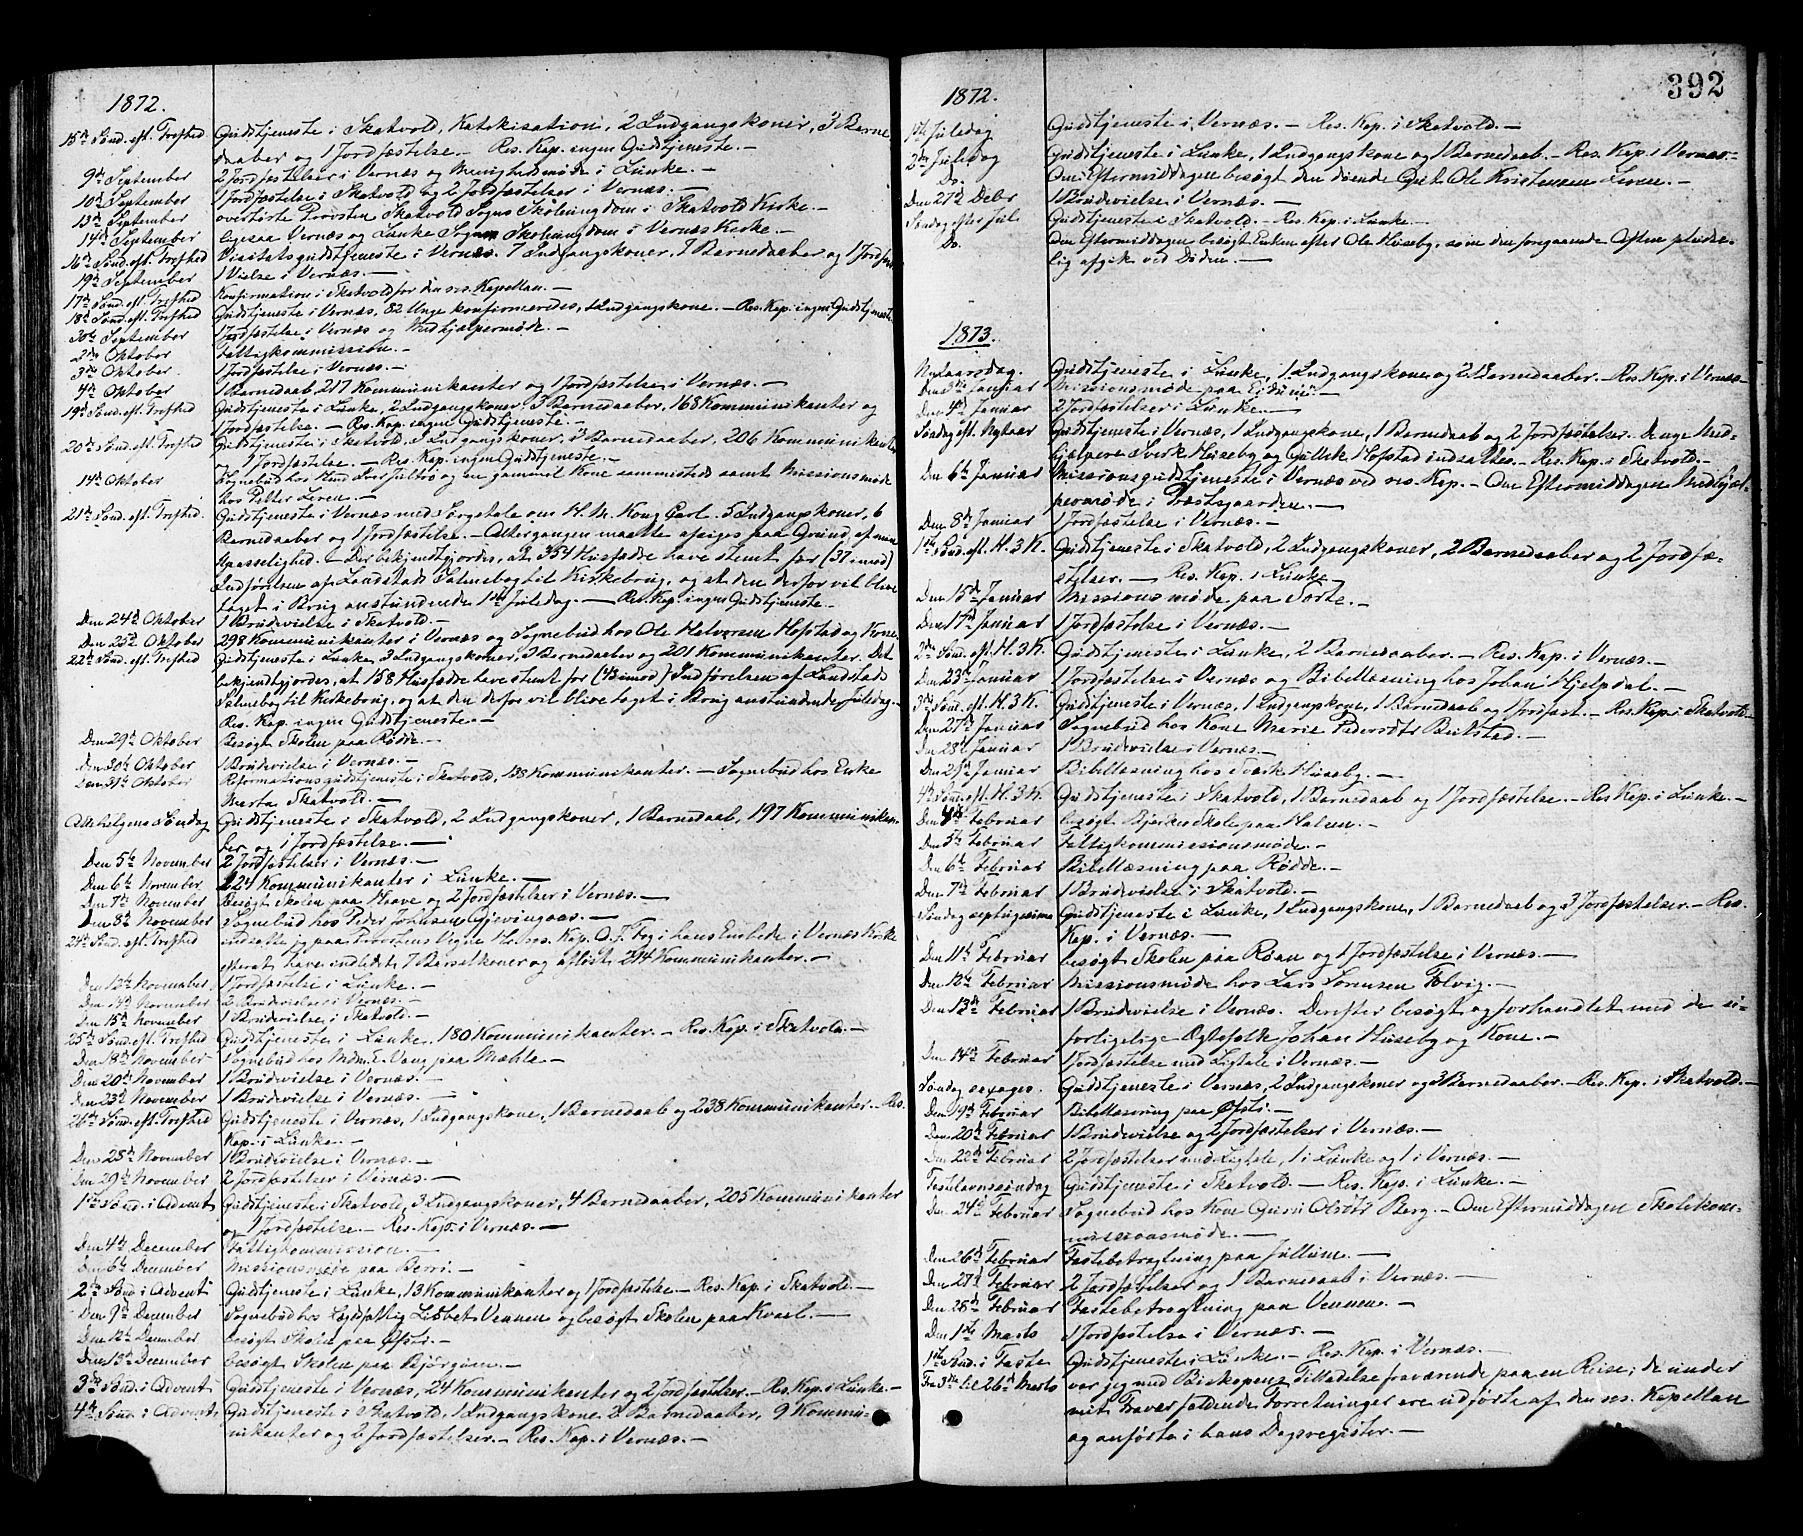 SAT, Ministerialprotokoller, klokkerbøker og fødselsregistre - Nord-Trøndelag, 709/L0076: Ministerialbok nr. 709A16, 1871-1879, s. 392